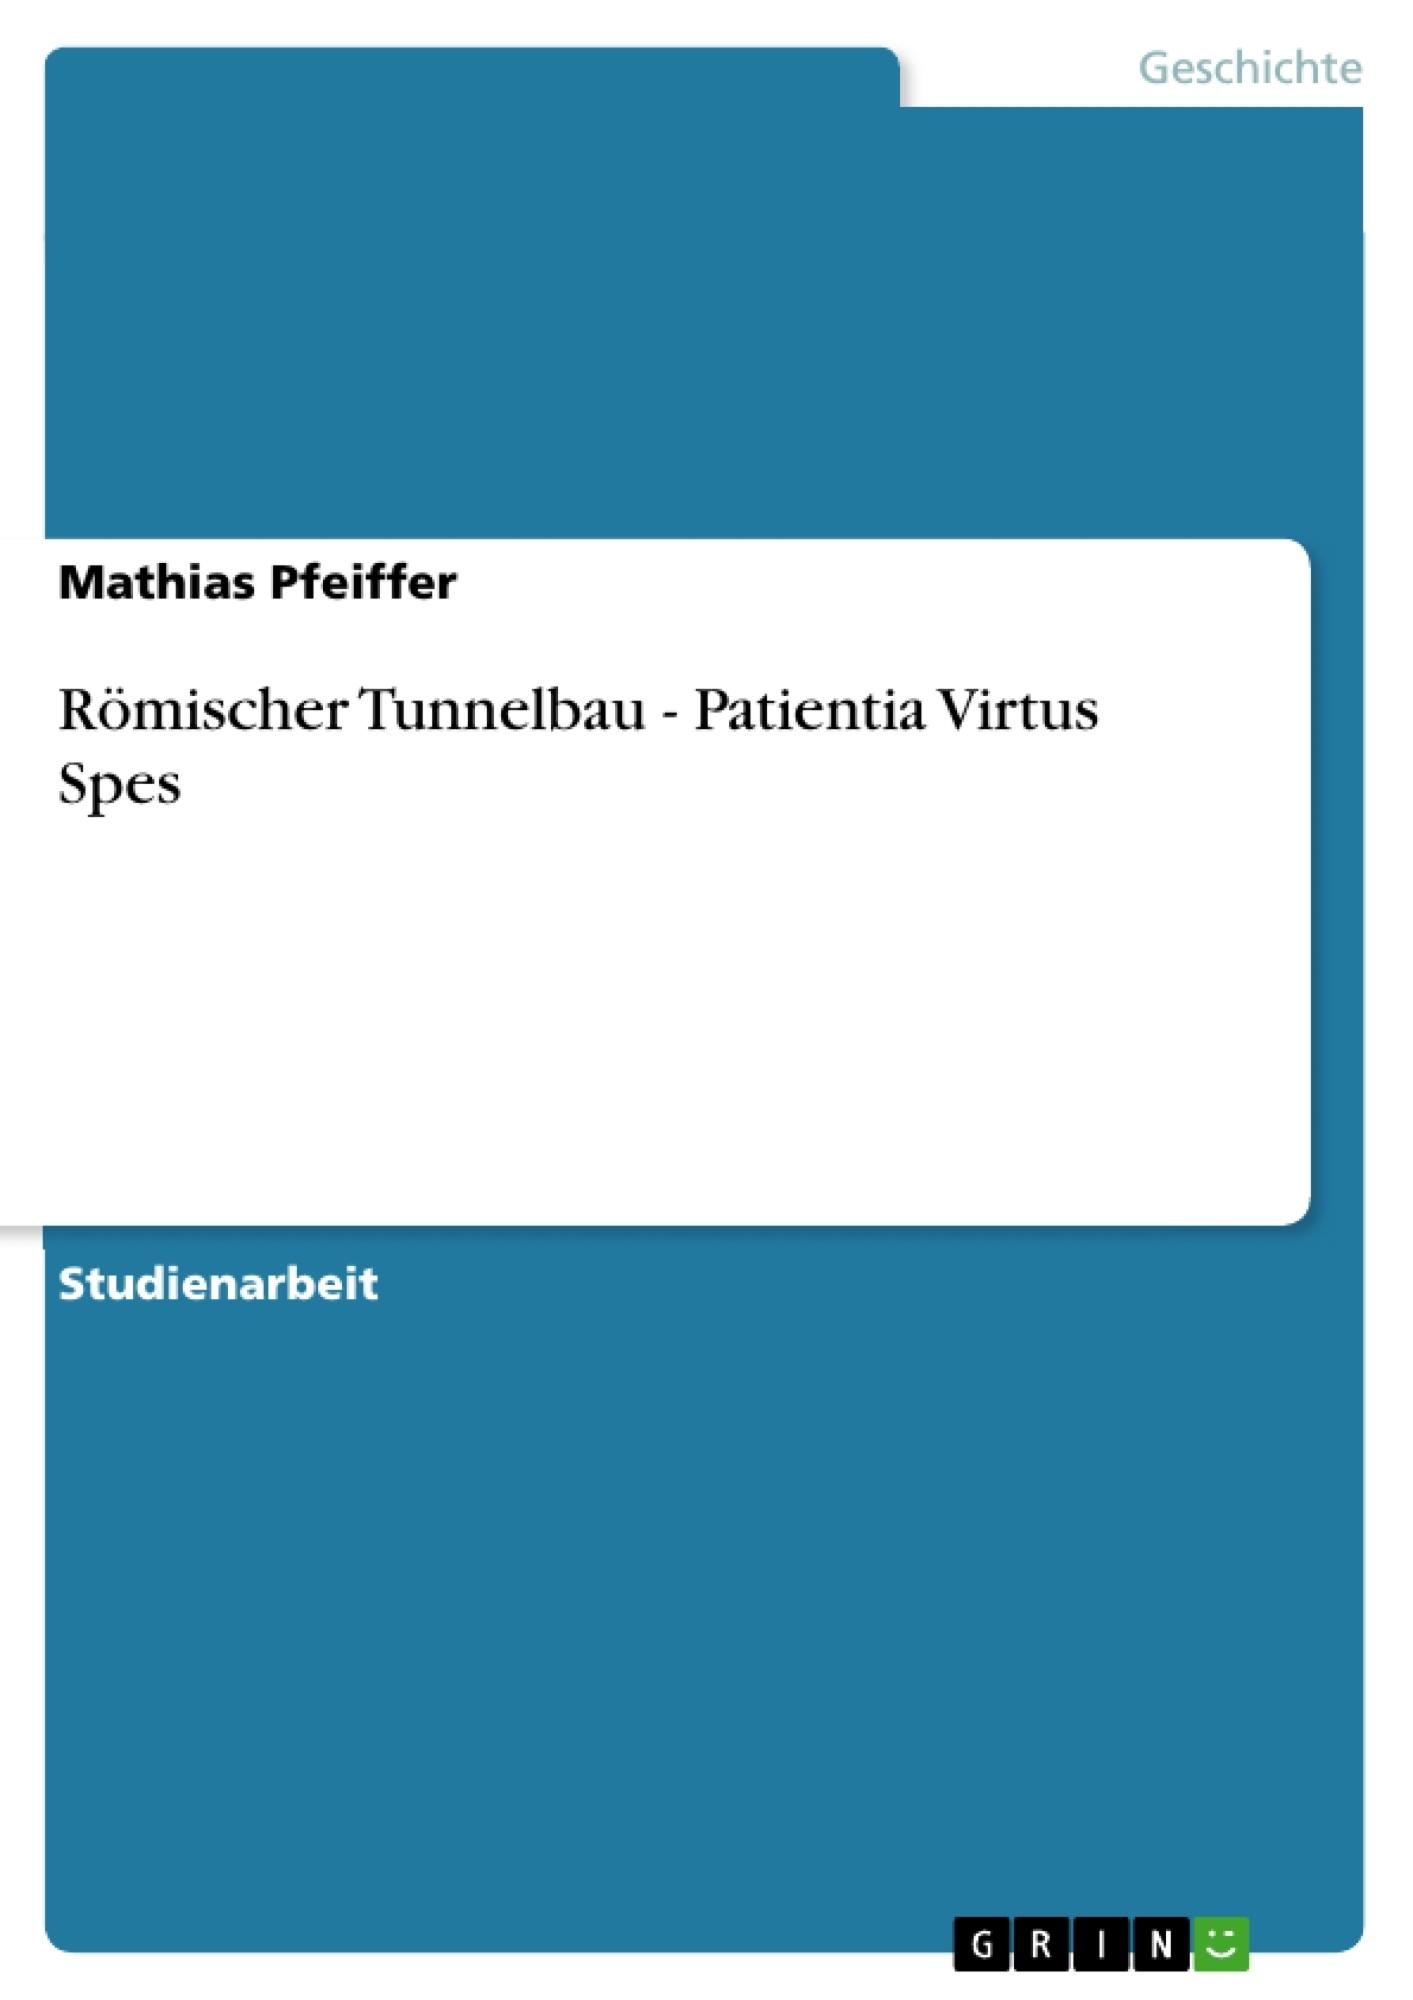 Titel: Römischer Tunnelbau - Patientia Virtus Spes